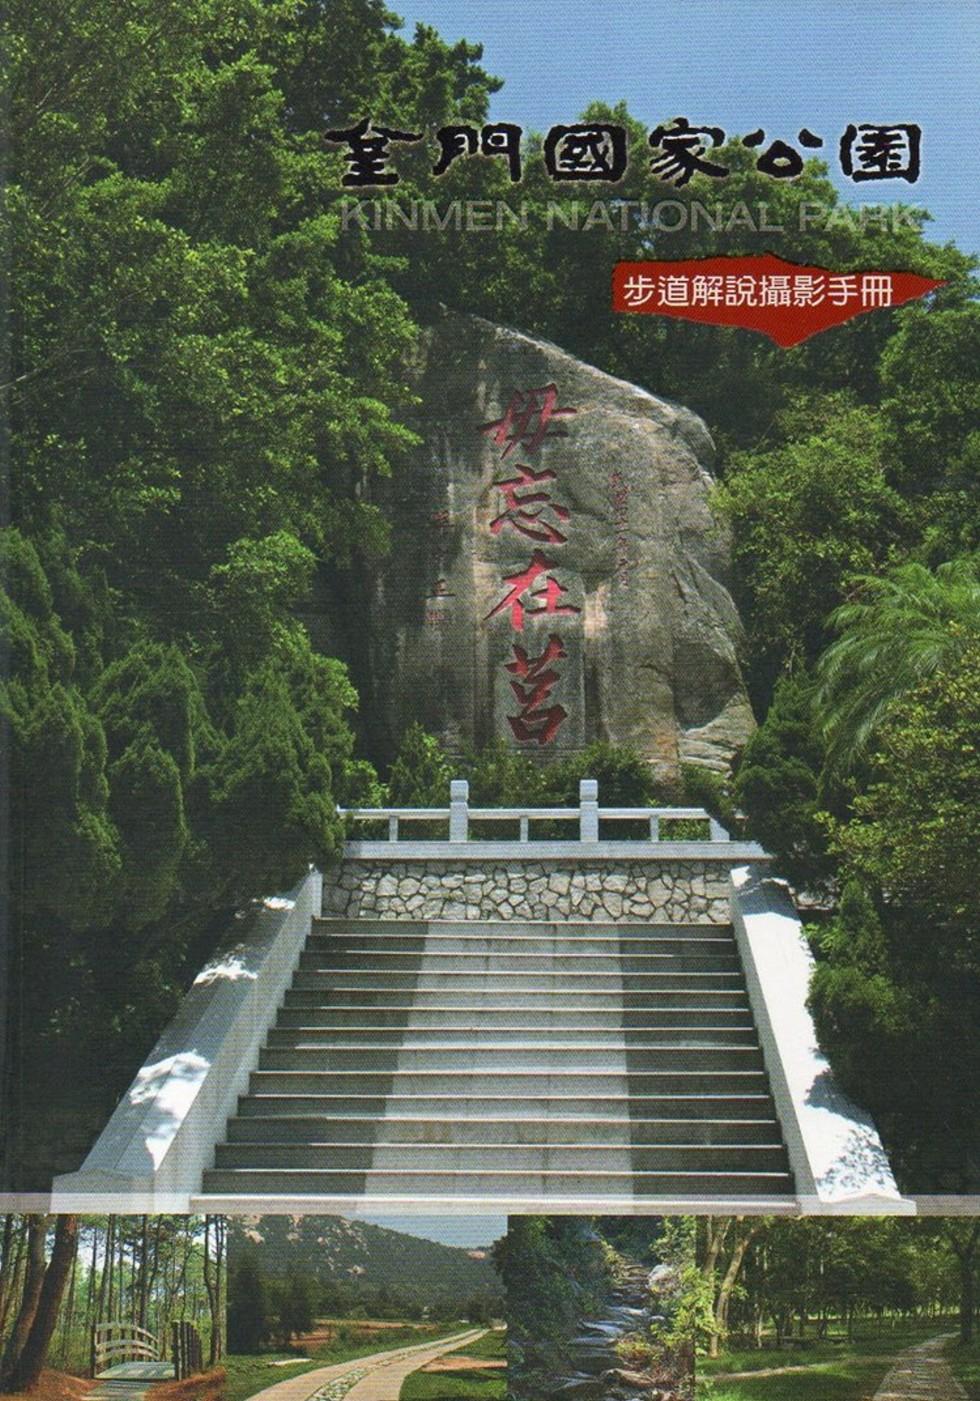 金門國家公園步道解說攝影手冊